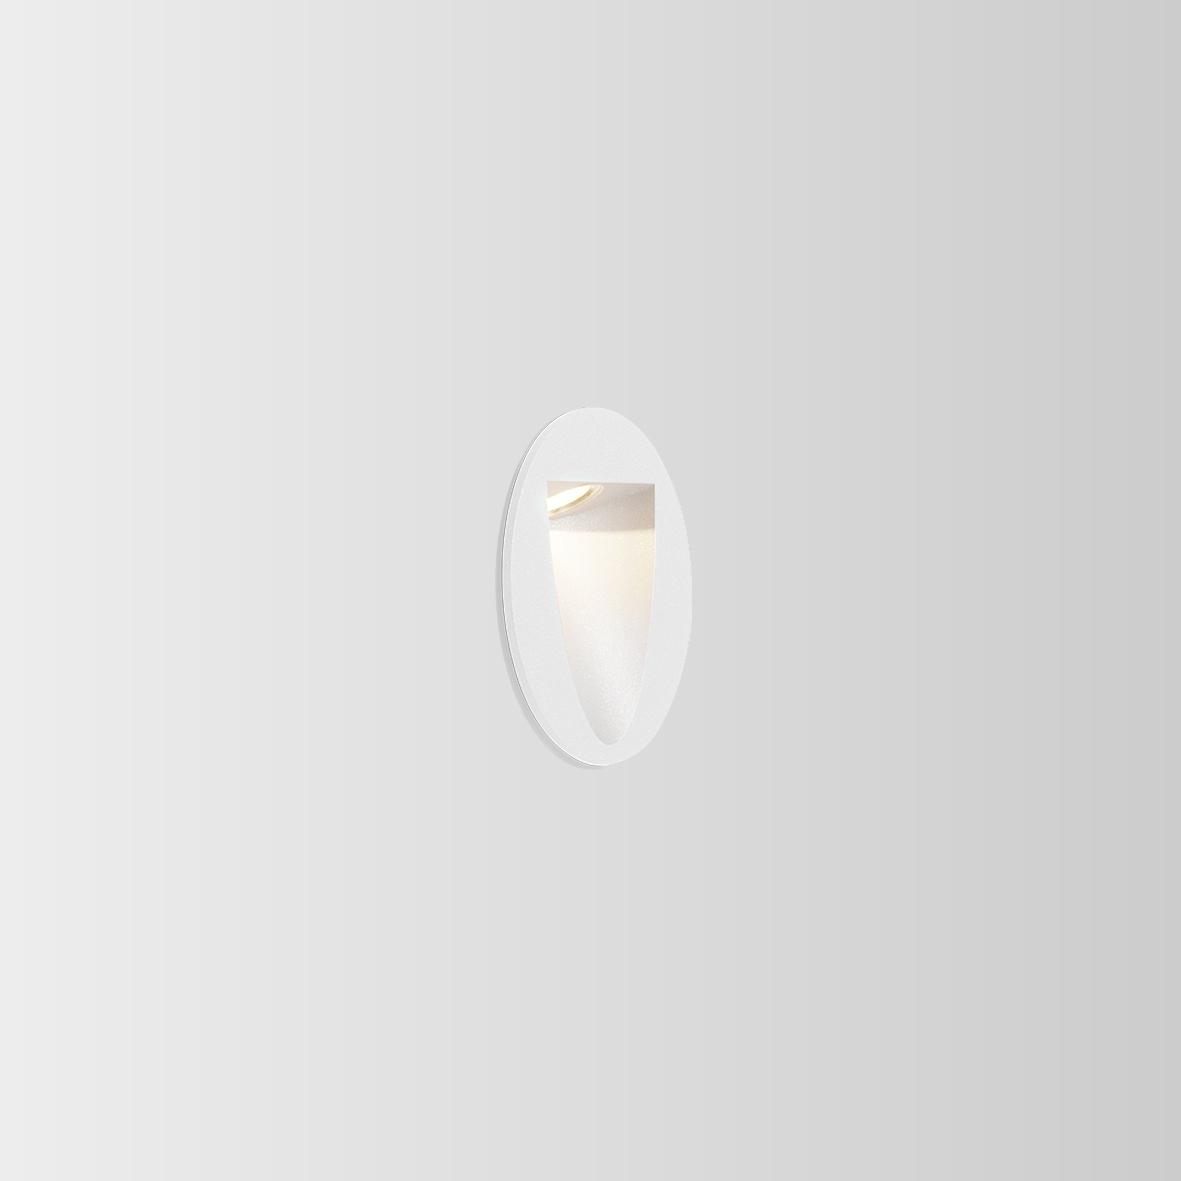 SMILE IN 1.0 LED 3000K 4/6W CRI>80 280/370lm 350/700mA IP65, välisvalgusti süvistatud seina, valge